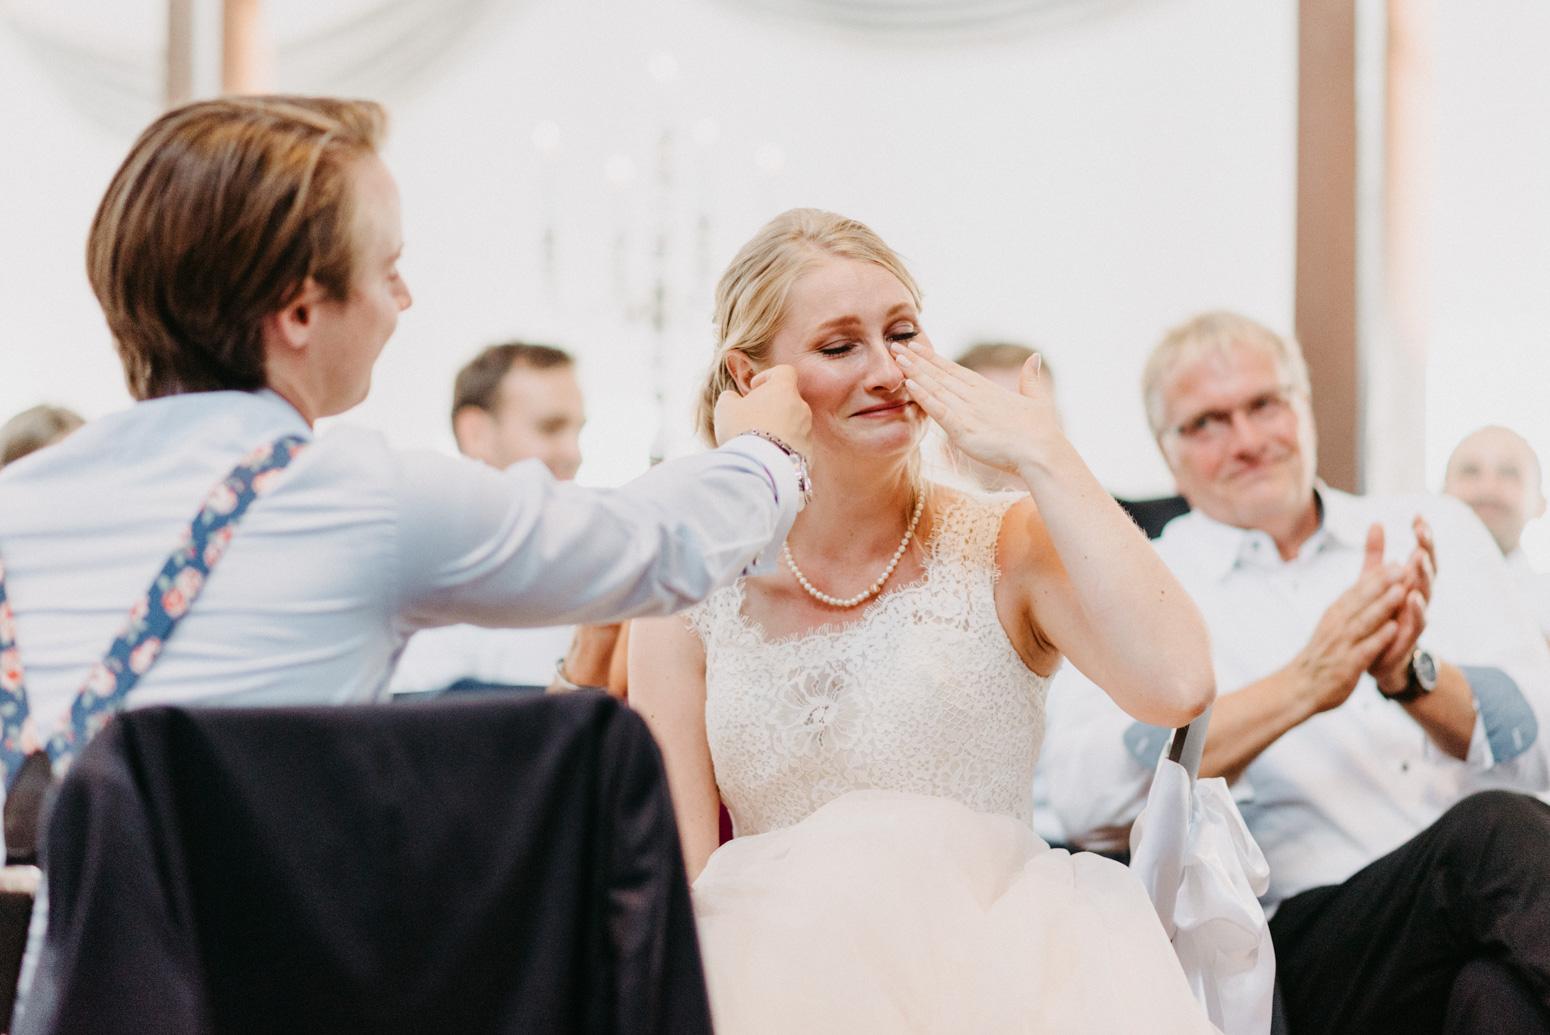 Die Braut weint vor Rührung während einer Rede. Hochzeitsfotografin in NRW Daria Becker von Genuine Bonds